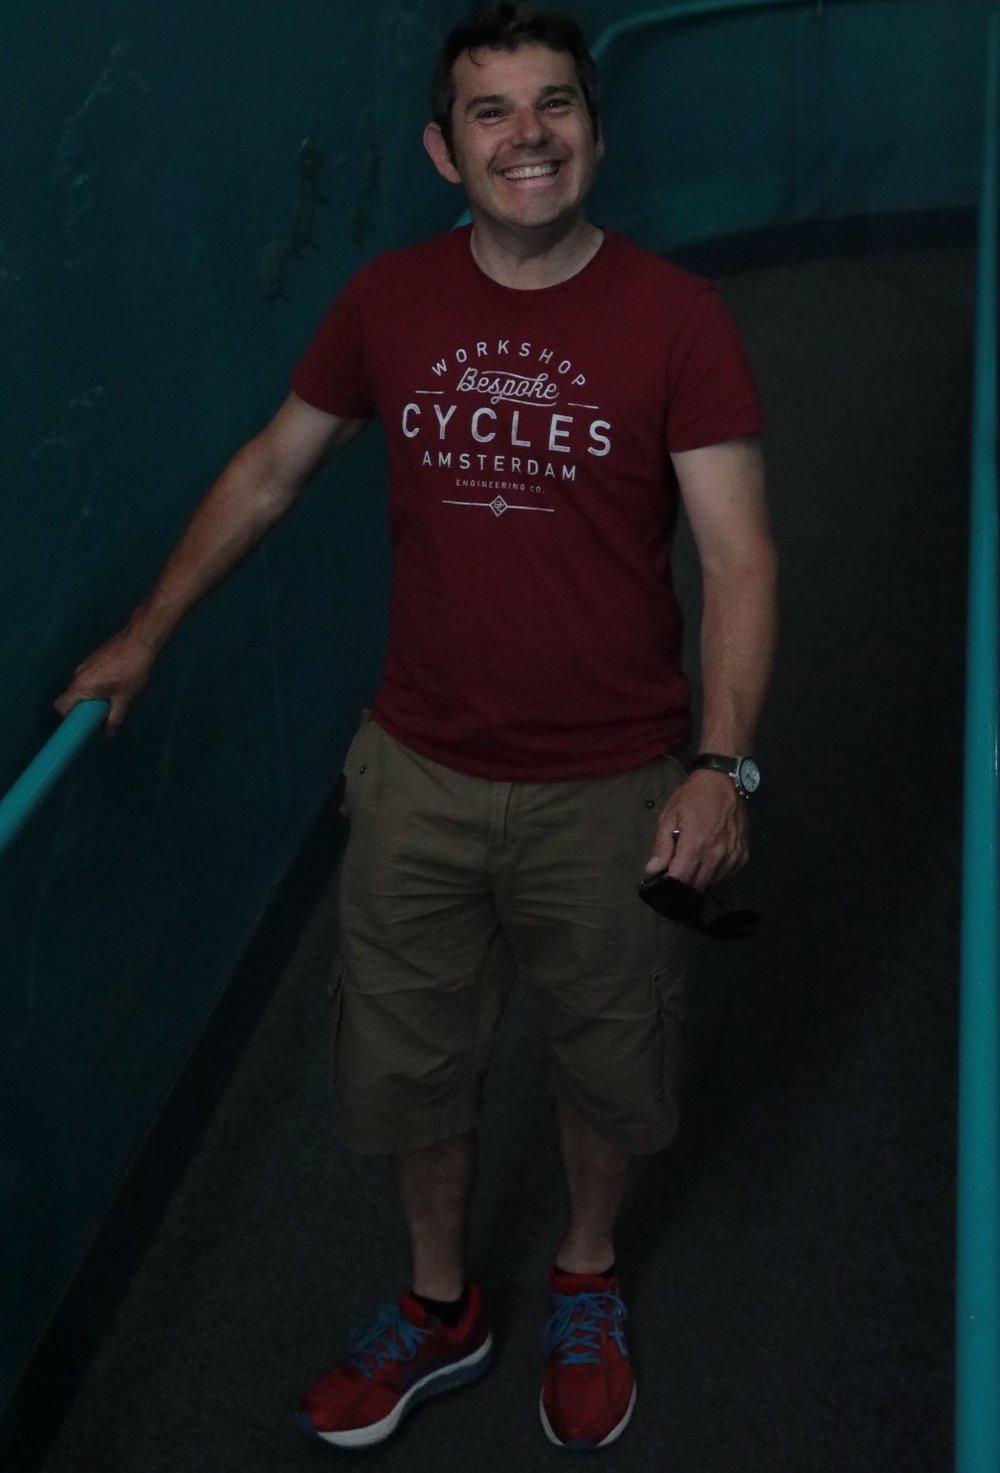 Jamie at the aquarium